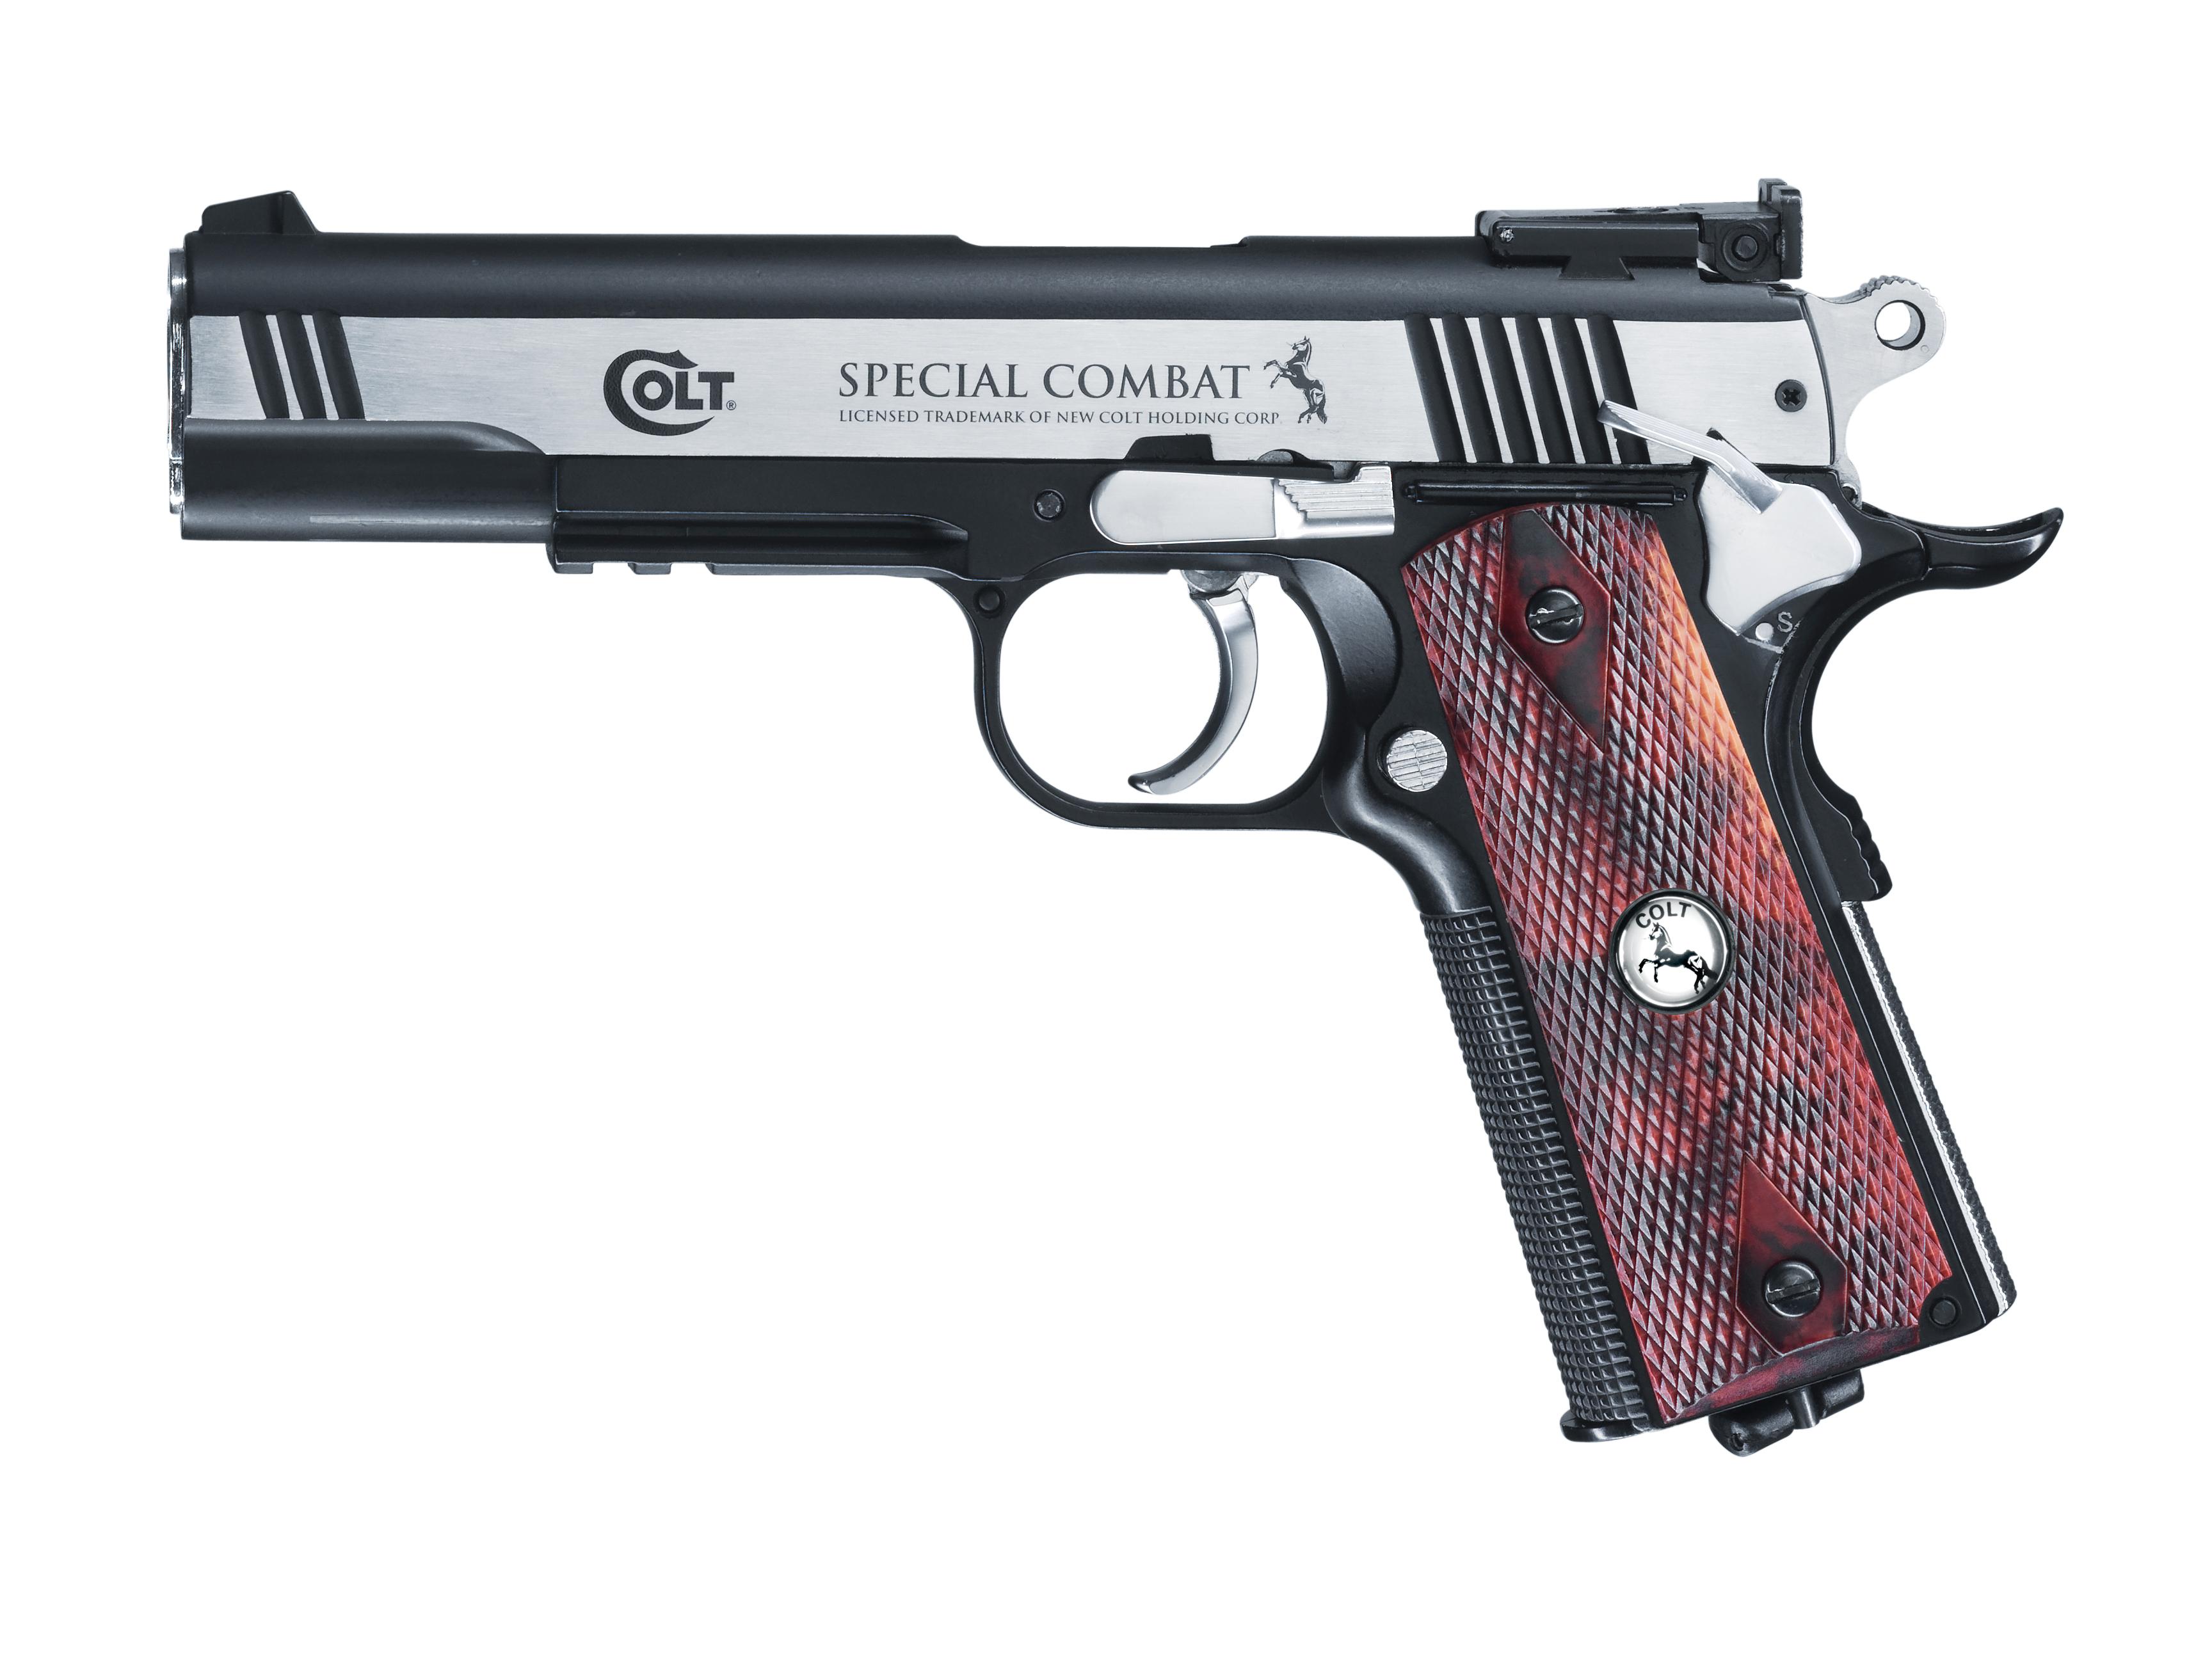 Colt Special Combat Classic CO2 Pistole